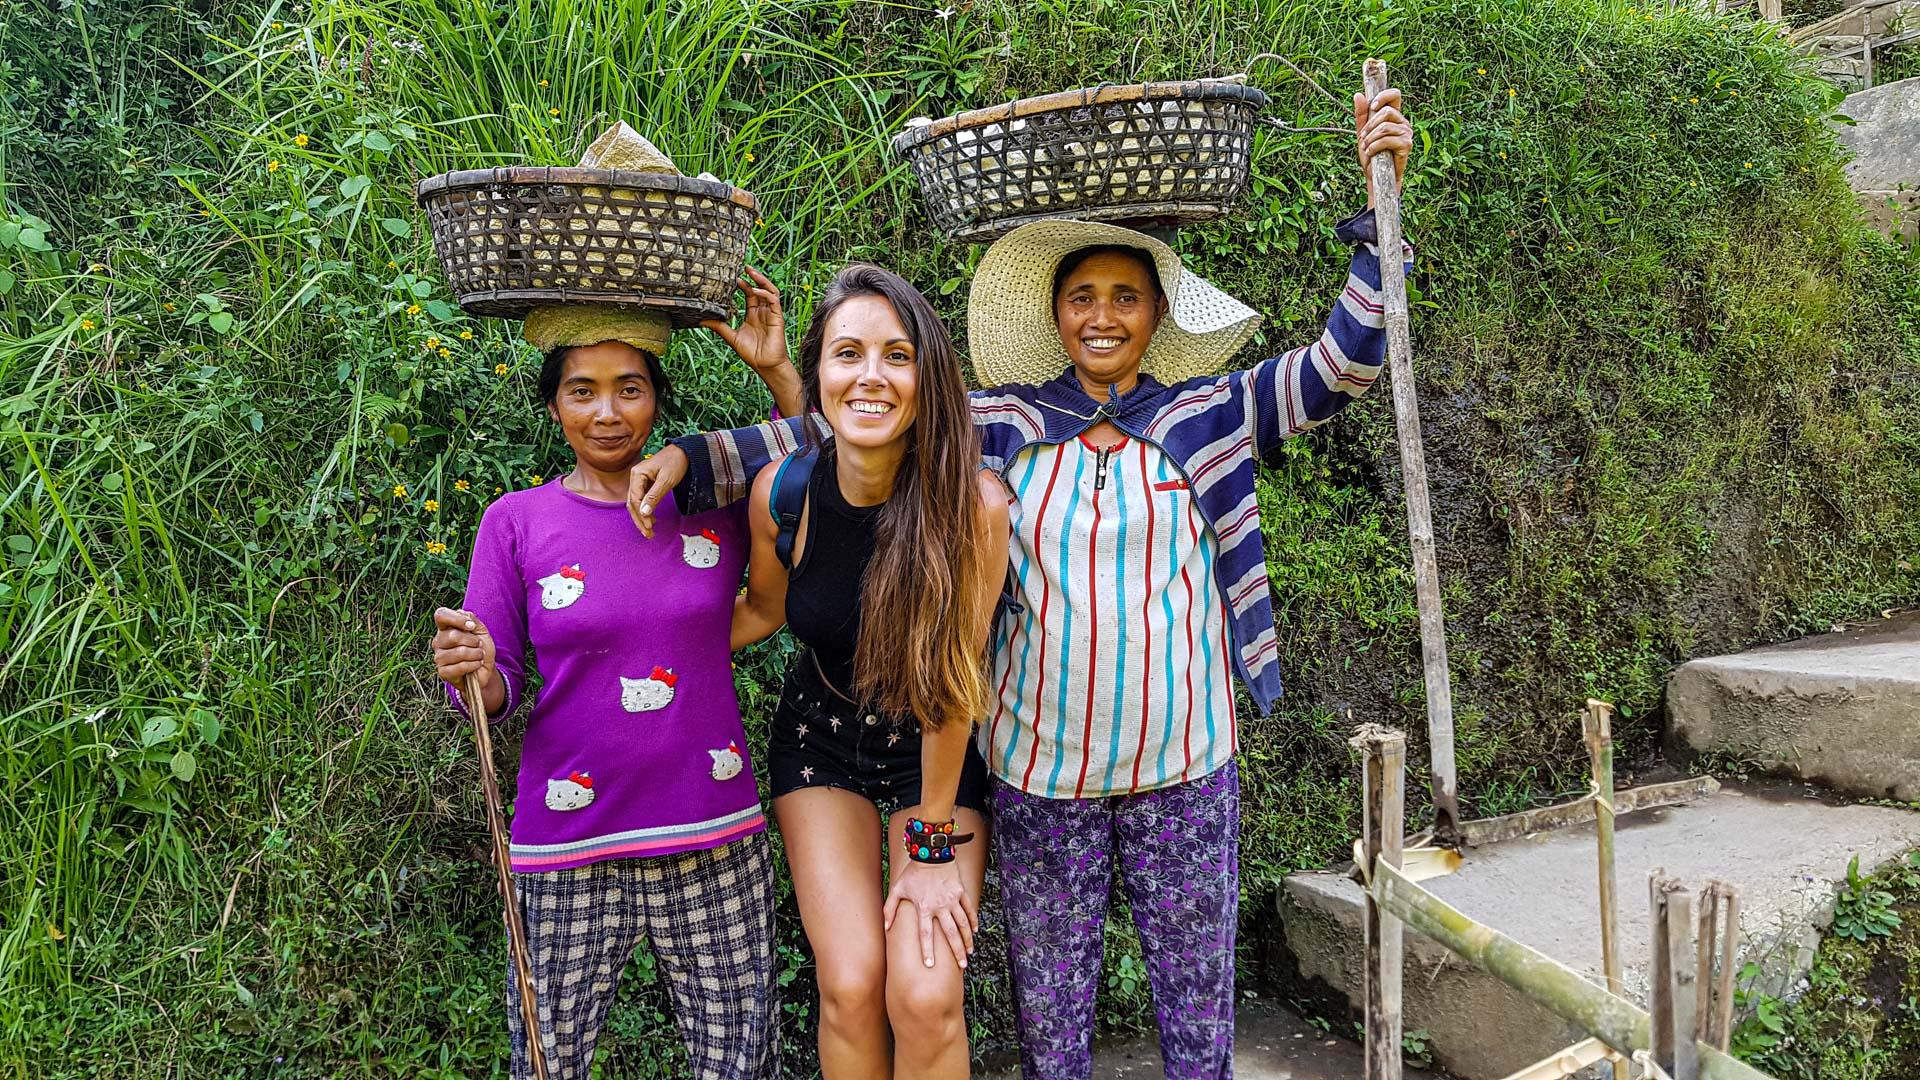 Trabajadoras de los arrozales de Tegalalang, Bali, Indonesia